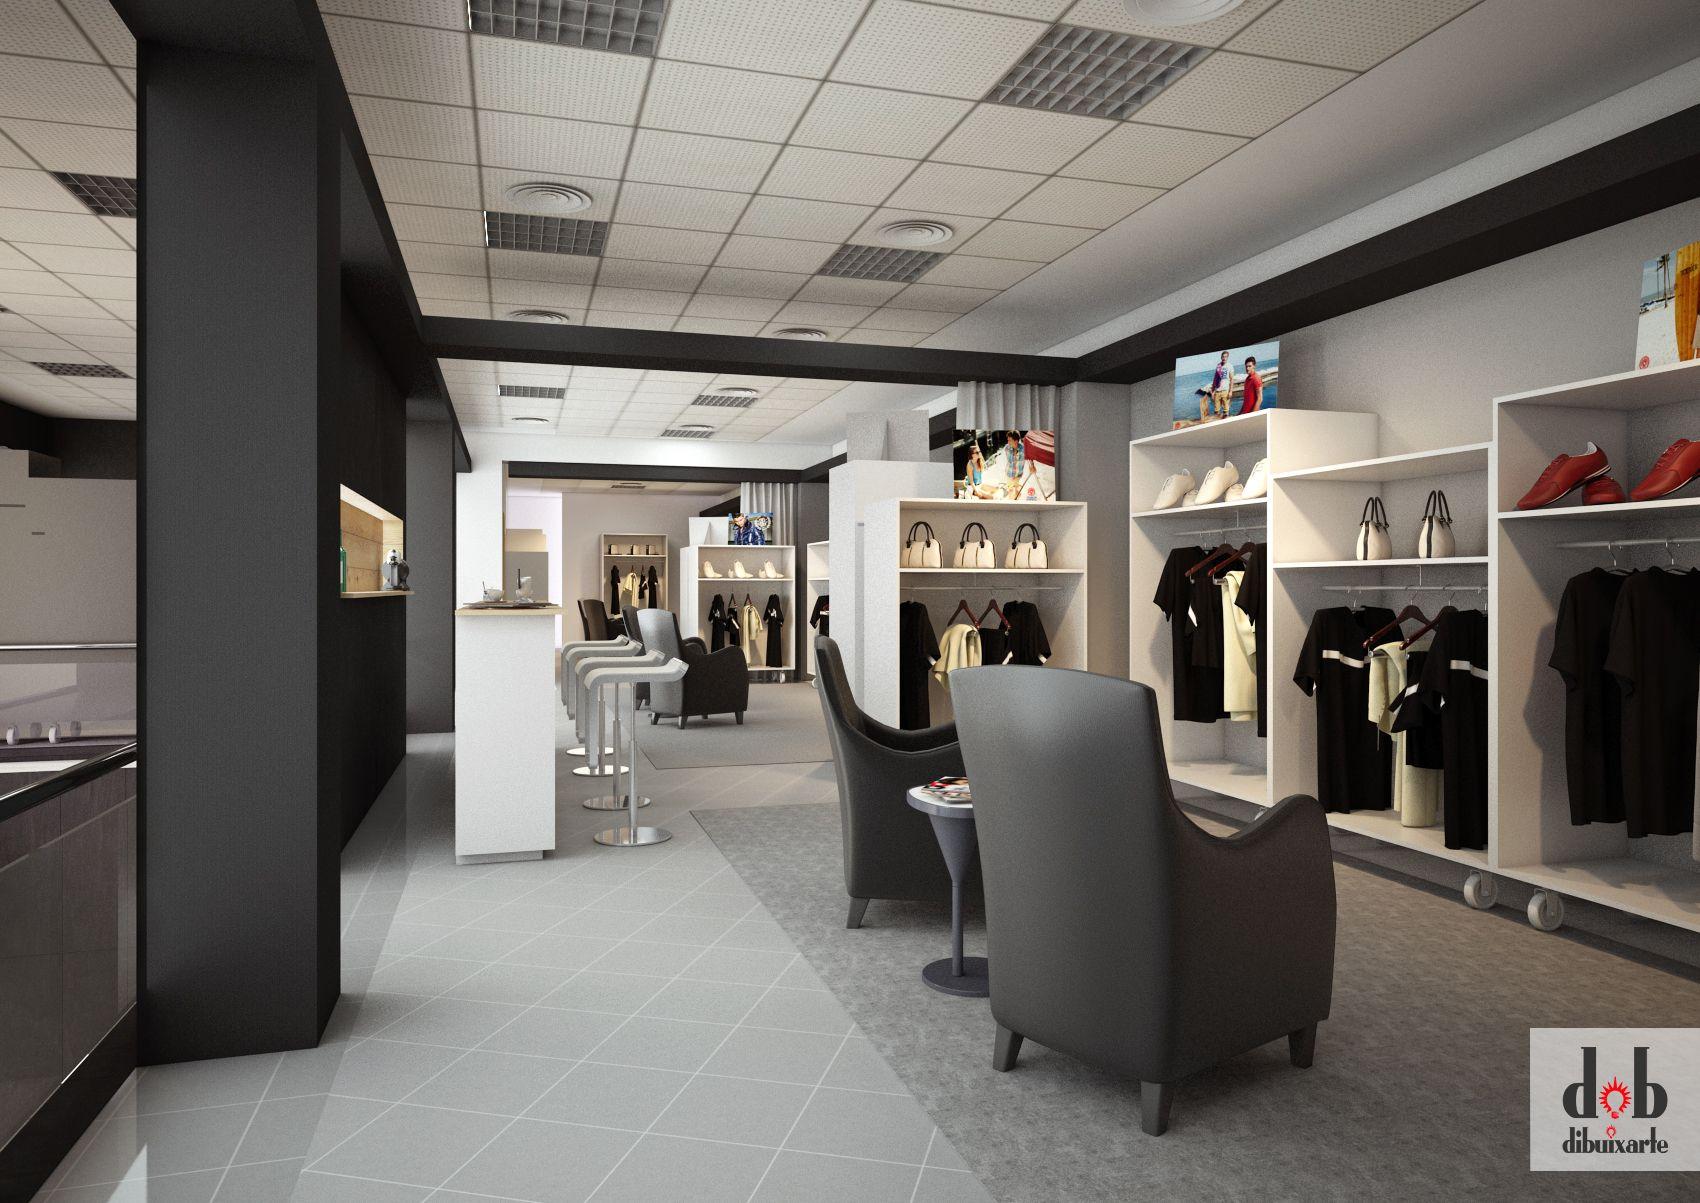 Dise o de showroom para tienda de ropa en alzira trabajo - Empresas de diseno de interiores ...